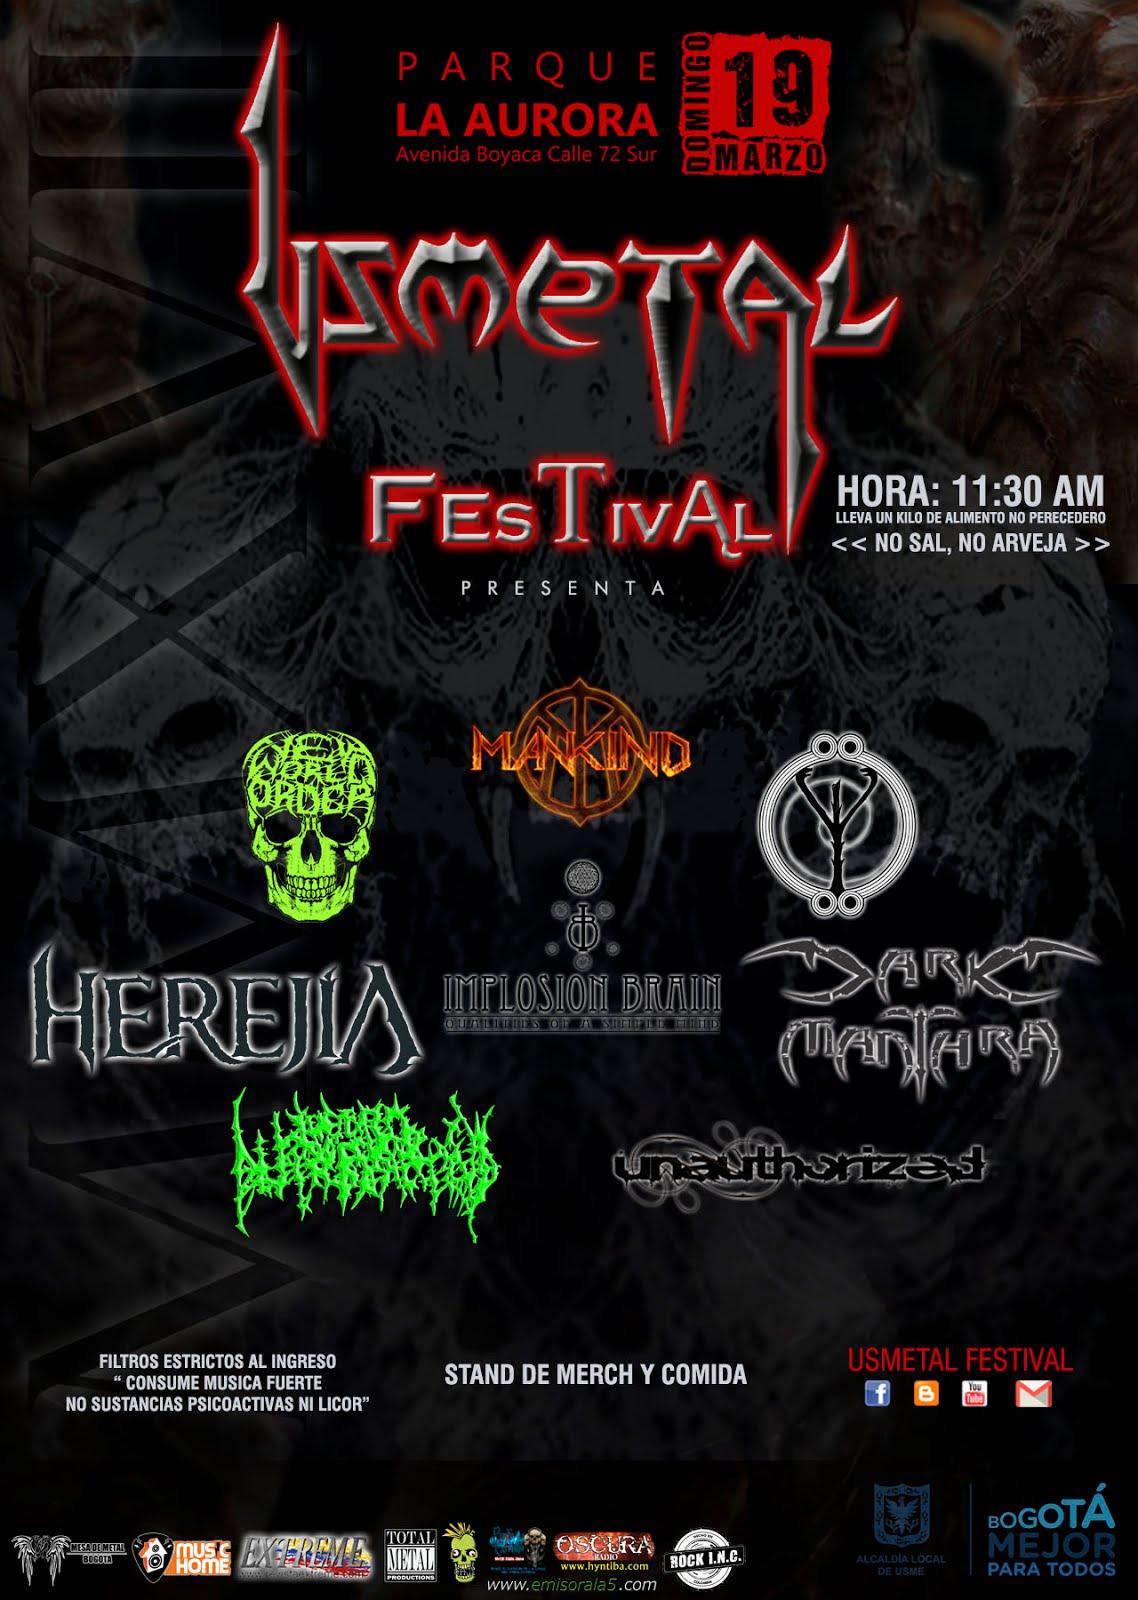 Usmetal Festival 2017